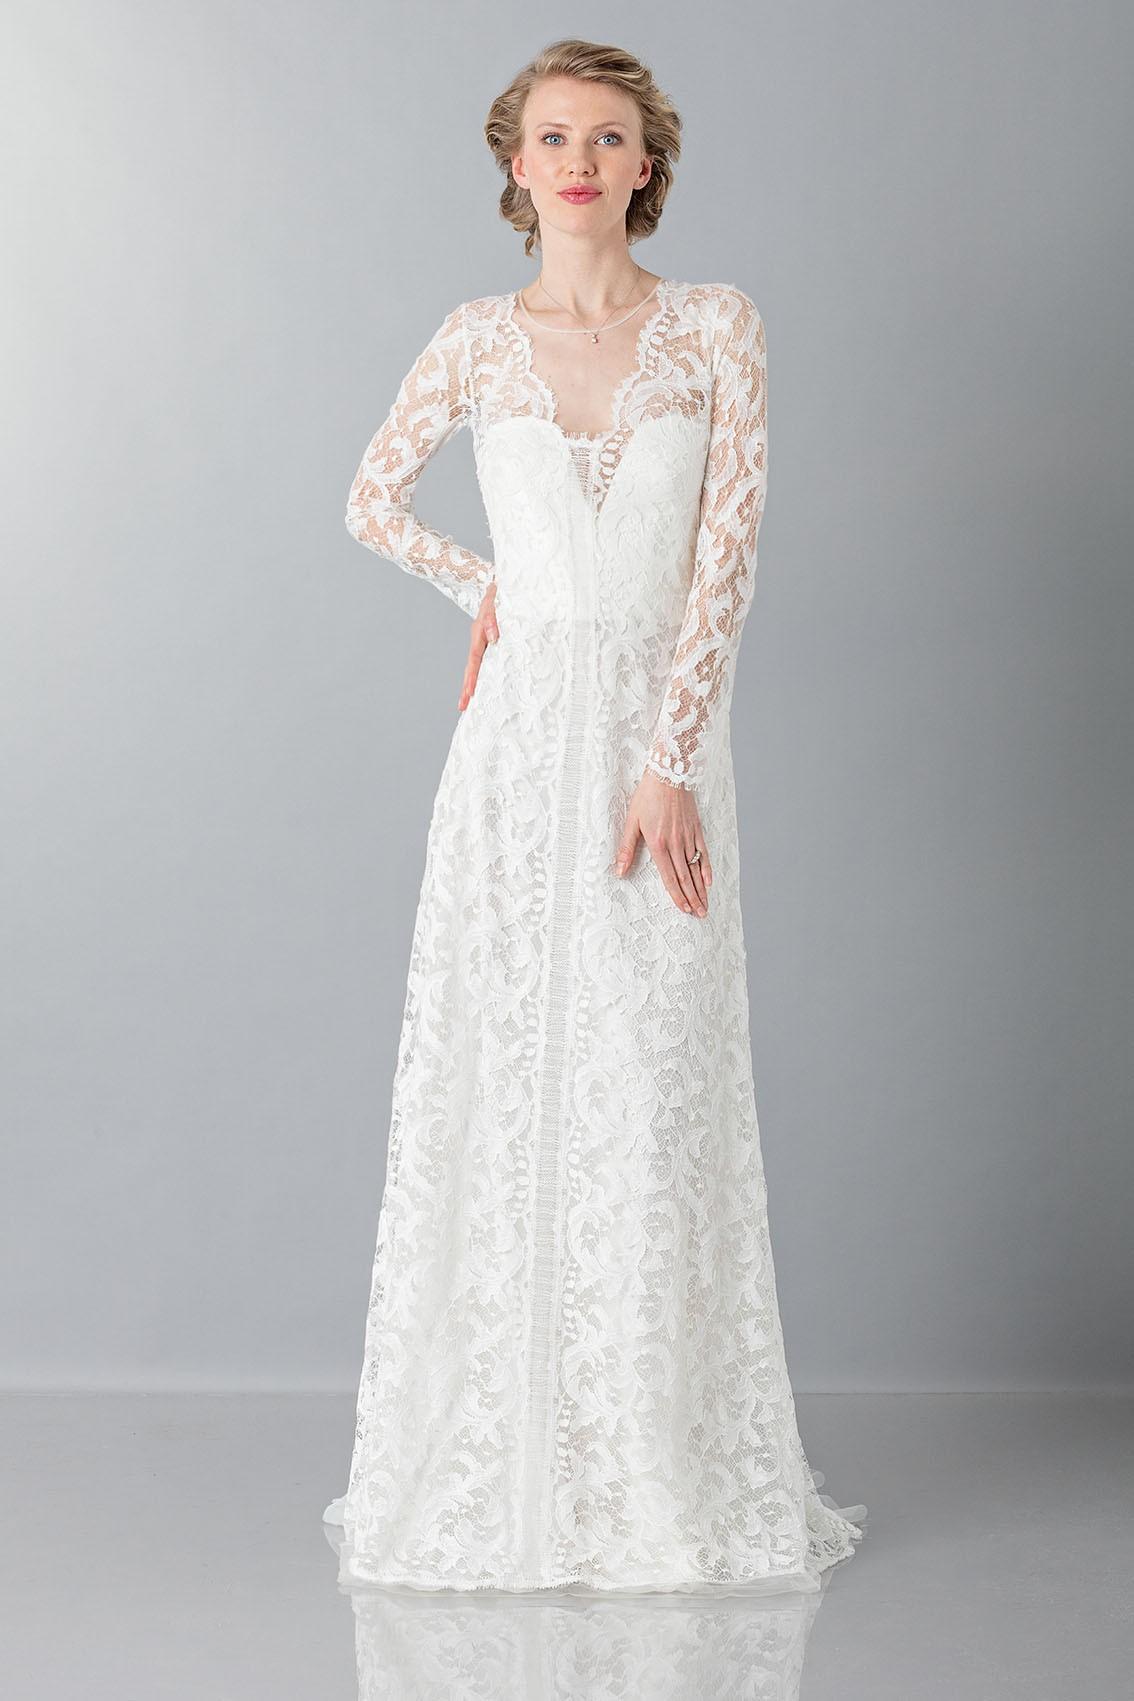 Vestiti da sposa a noleggio verona